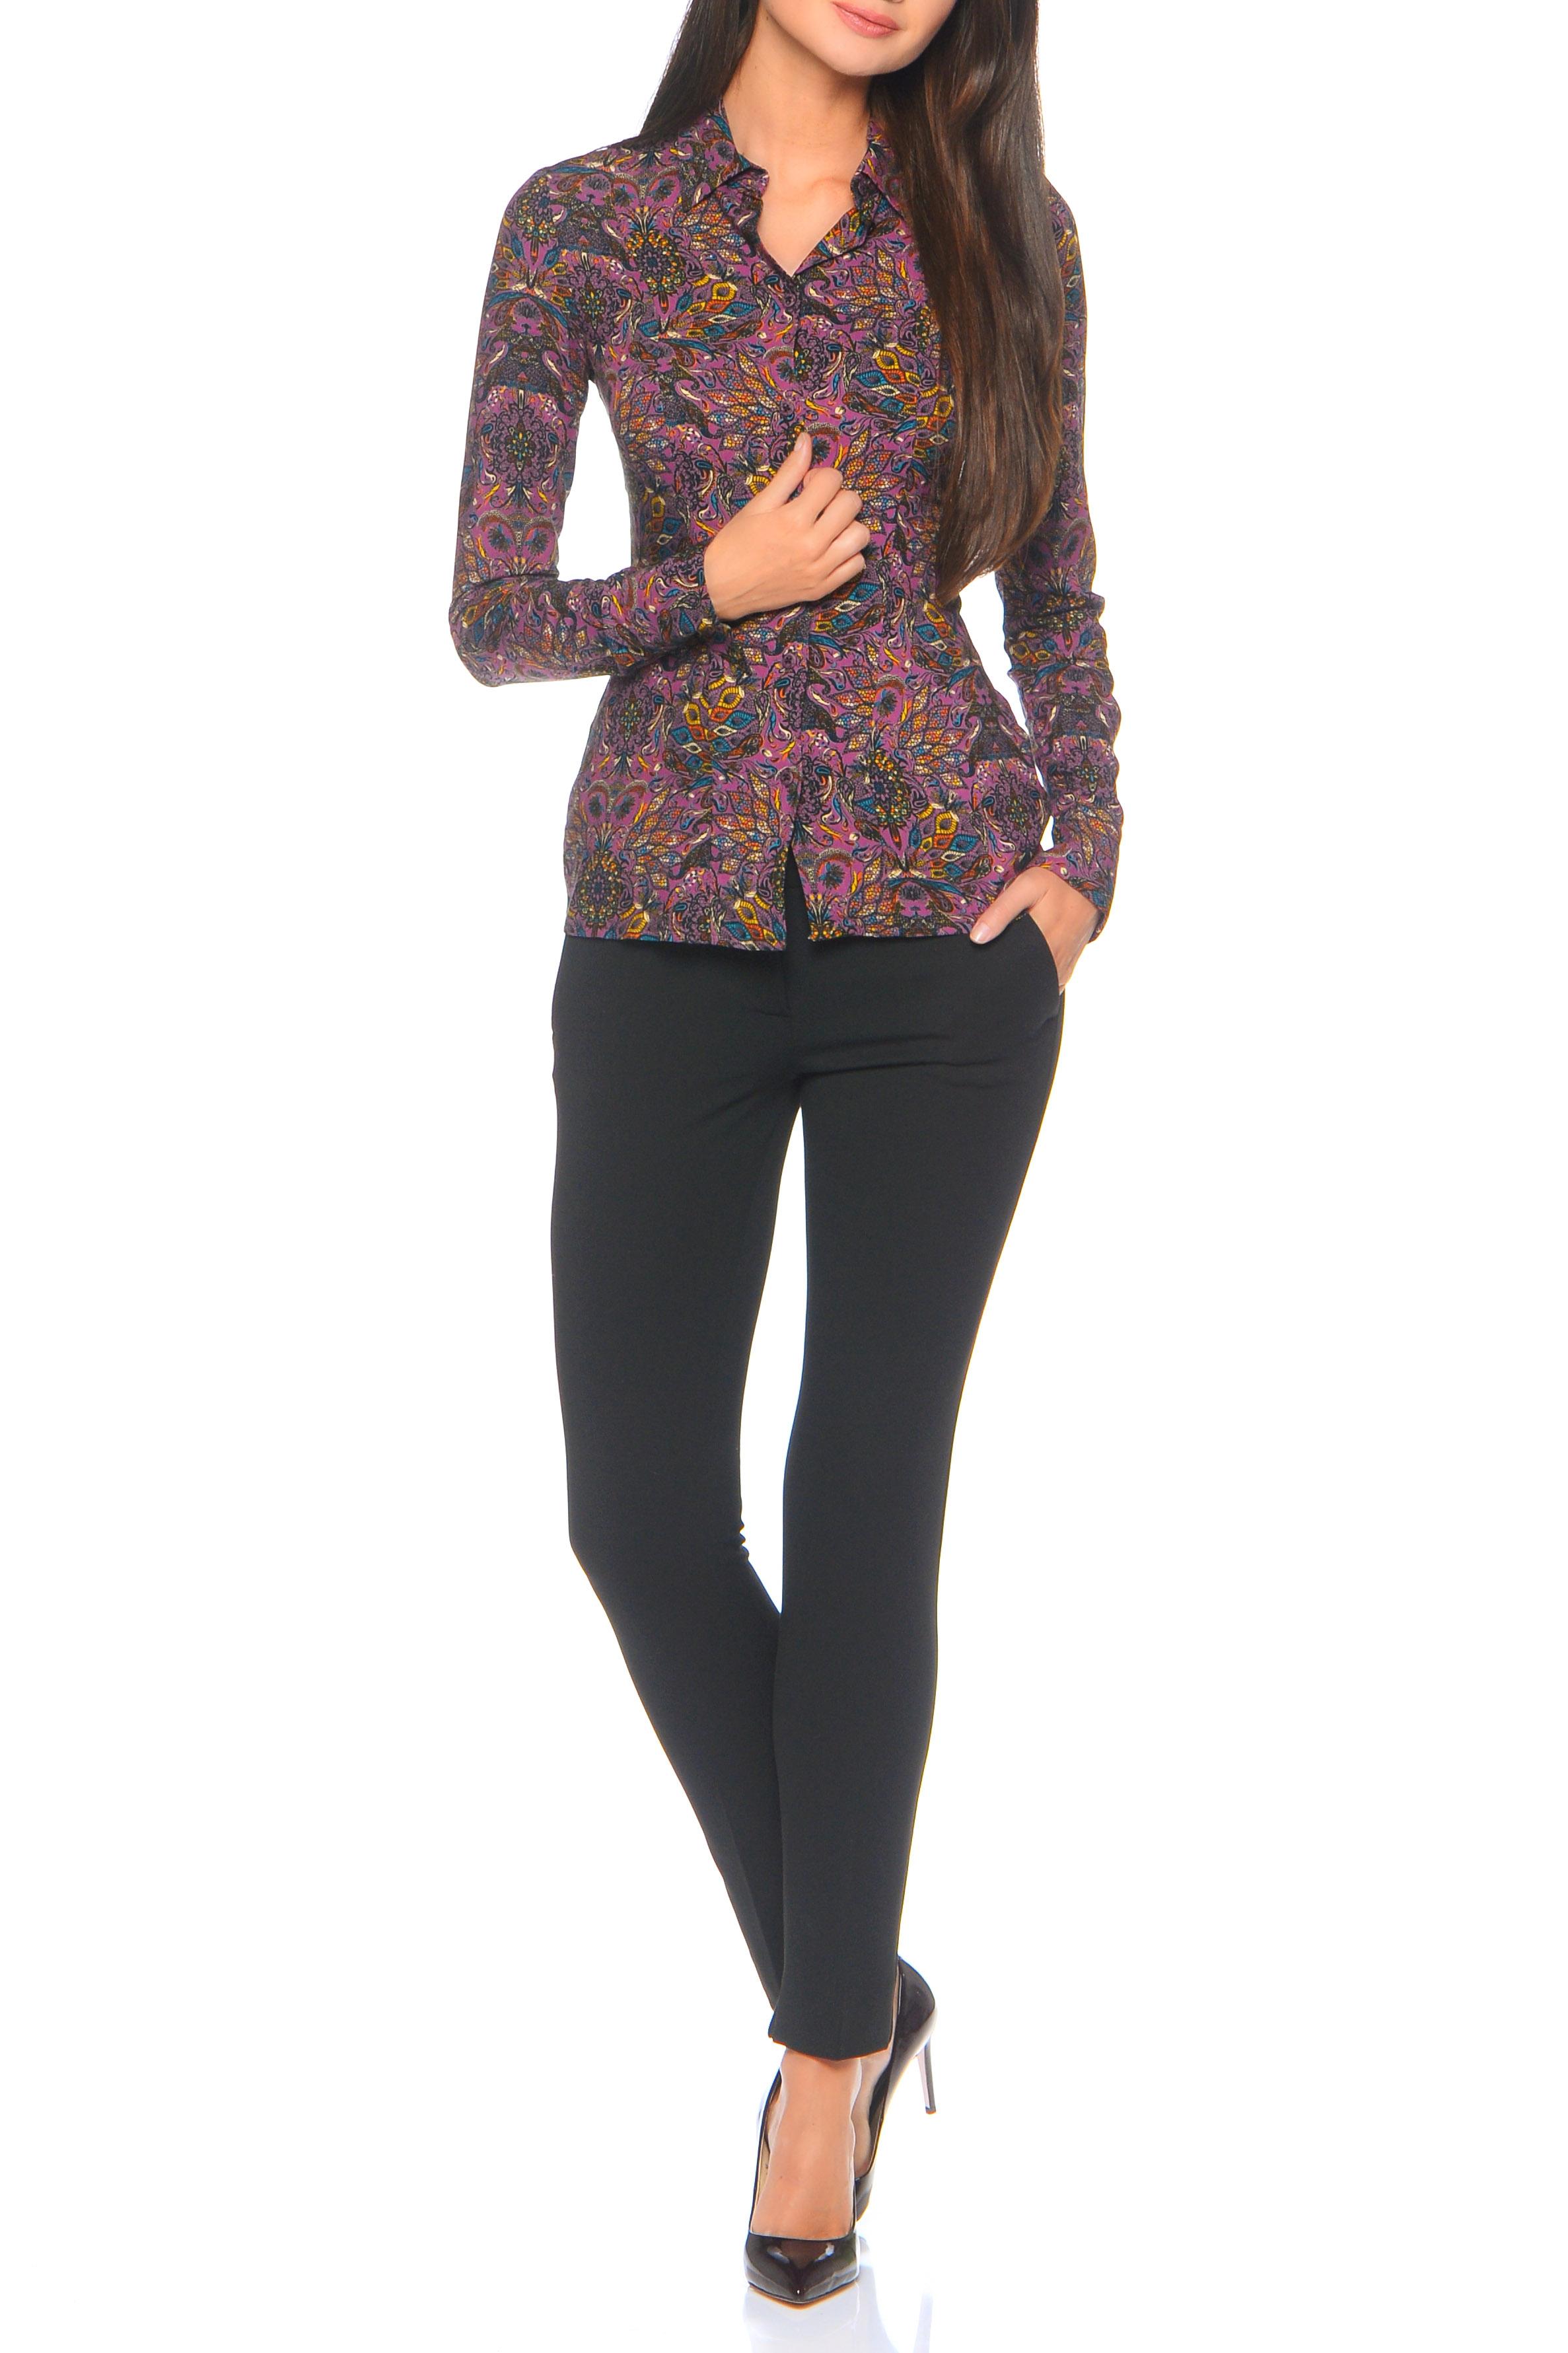 БлузкаРубашки<br>Блузка-рубашка прилегающего силуэта с вертикальным рядом пуговиц спереди, прямым воротником на стойке и длинным рукавом с отложной манжетой, которая помогает легко наращивать длину рукава. Универсальная длина рубашки до бедра позволяет высоким девушкам носить ее на выпуск, а миниатюрным заправляя в брюки и юбку. Неоспоримый плюс: изящный восточный витражный принт. Все это очень легко комбинируется с базовыми вещами гардероба, не зависимо от сезона. Внимание Блуза облегающего силуэта.   Ростовка изделия 170 см.  В изделии использованы цвета: фиолетовый и др.  Параметры размеров: 42 размер соответствует обхвату груди 80 см;  44 размер соответствует обхвату груди 84 см;  46 размер соответствует обхвату груди 88 см;  48 размер соответствует обхвату груди 92 см;  50 размер соответствует обхвату груди 98 см;  52 размер соответствует обхвату груди 100 см;  54 размер соответствует обхвату груди 100 см.<br><br>Воротник: Рубашечный<br>Застежка: С пуговицами<br>По материалу: Вискоза,Тканевые<br>По рисунку: С принтом,Цветные,Этнические<br>По сезону: Весна,Зима,Лето,Осень,Всесезон<br>По силуэту: Приталенные<br>По стилю: Повседневный стиль<br>По элементам: С манжетами<br>Рукав: Длинный рукав<br>Размер : 44,46,48<br>Материал: Вискоза<br>Количество в наличии: 3